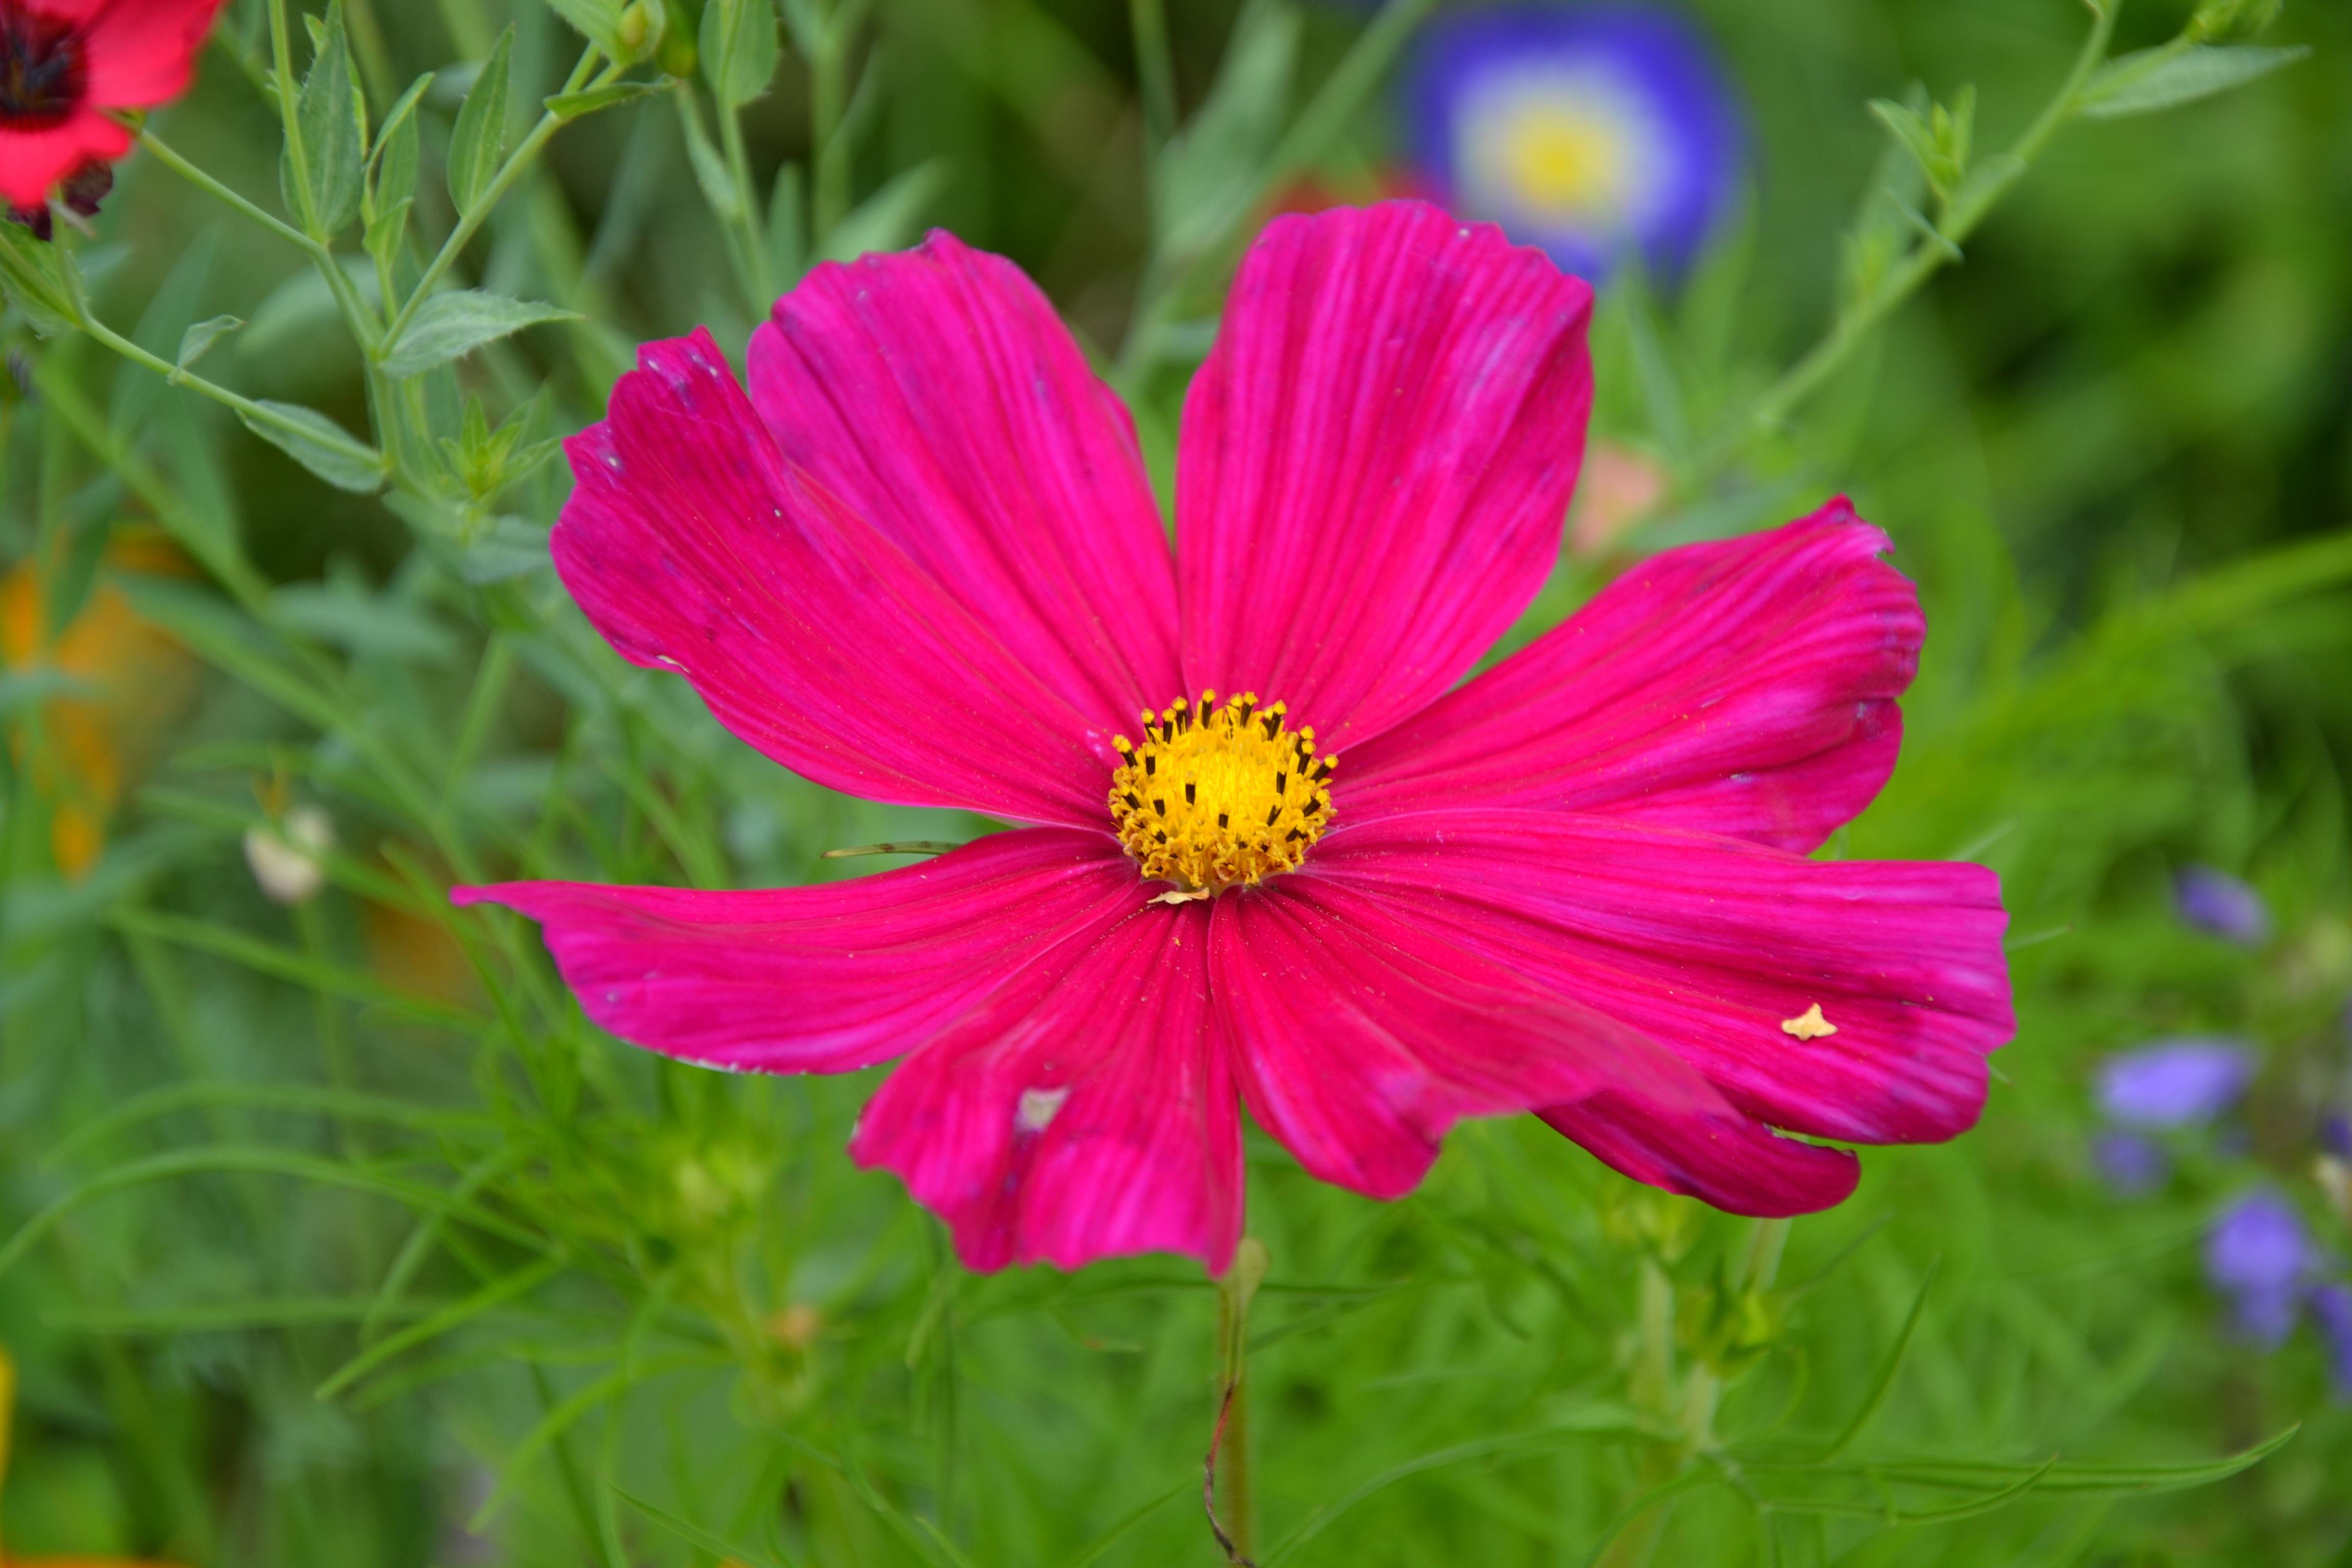 Immagini belle fiore petalo estate colore botanica for Fiori stilizzati colorati